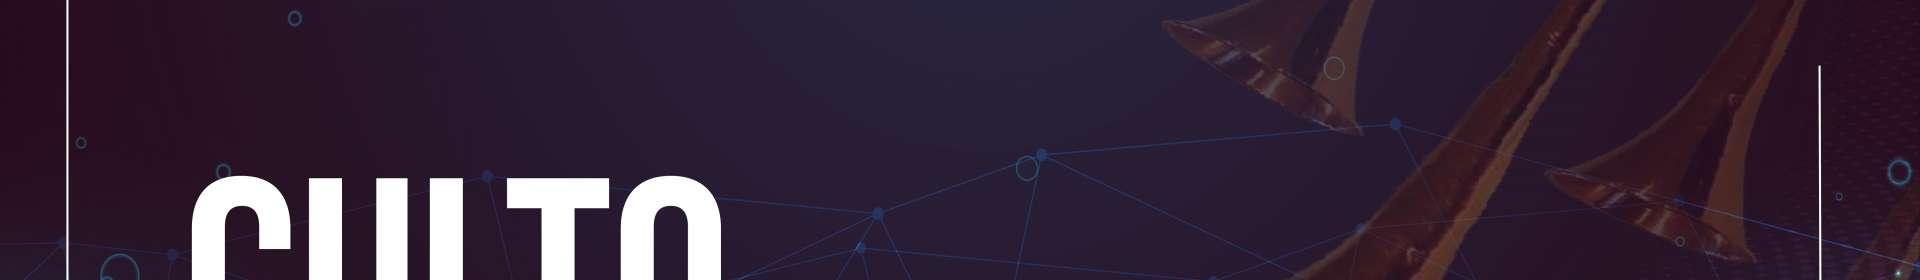 Culto via satélite exibido em 01/10/2019